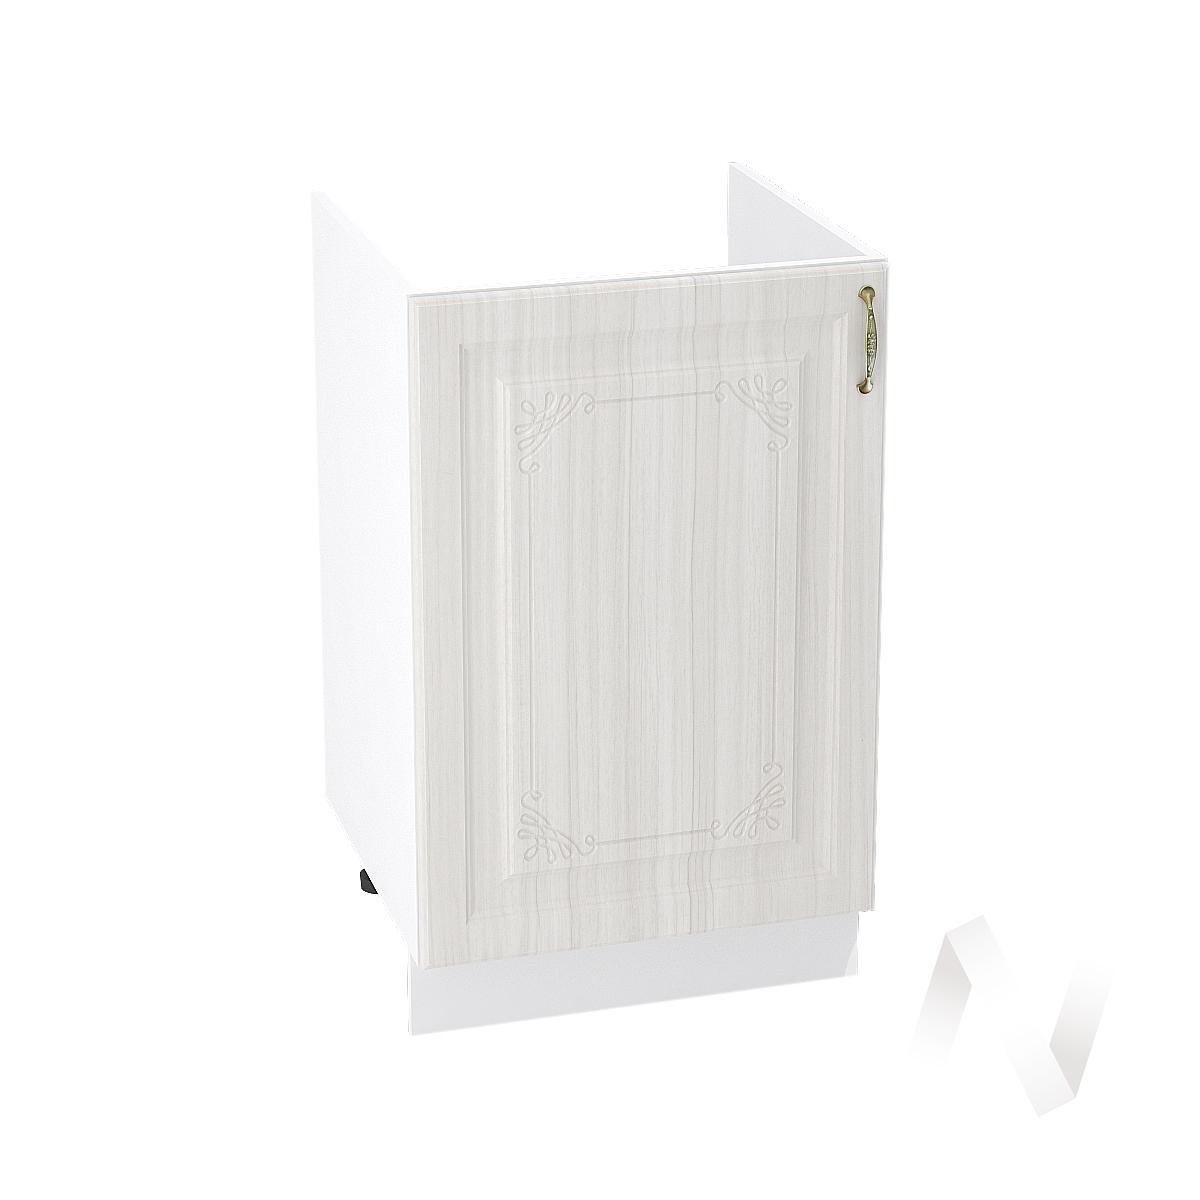 """Кухня """"Виктория"""": Шкаф нижний под мойку 500, ШНМ 500 (корпус белый)"""